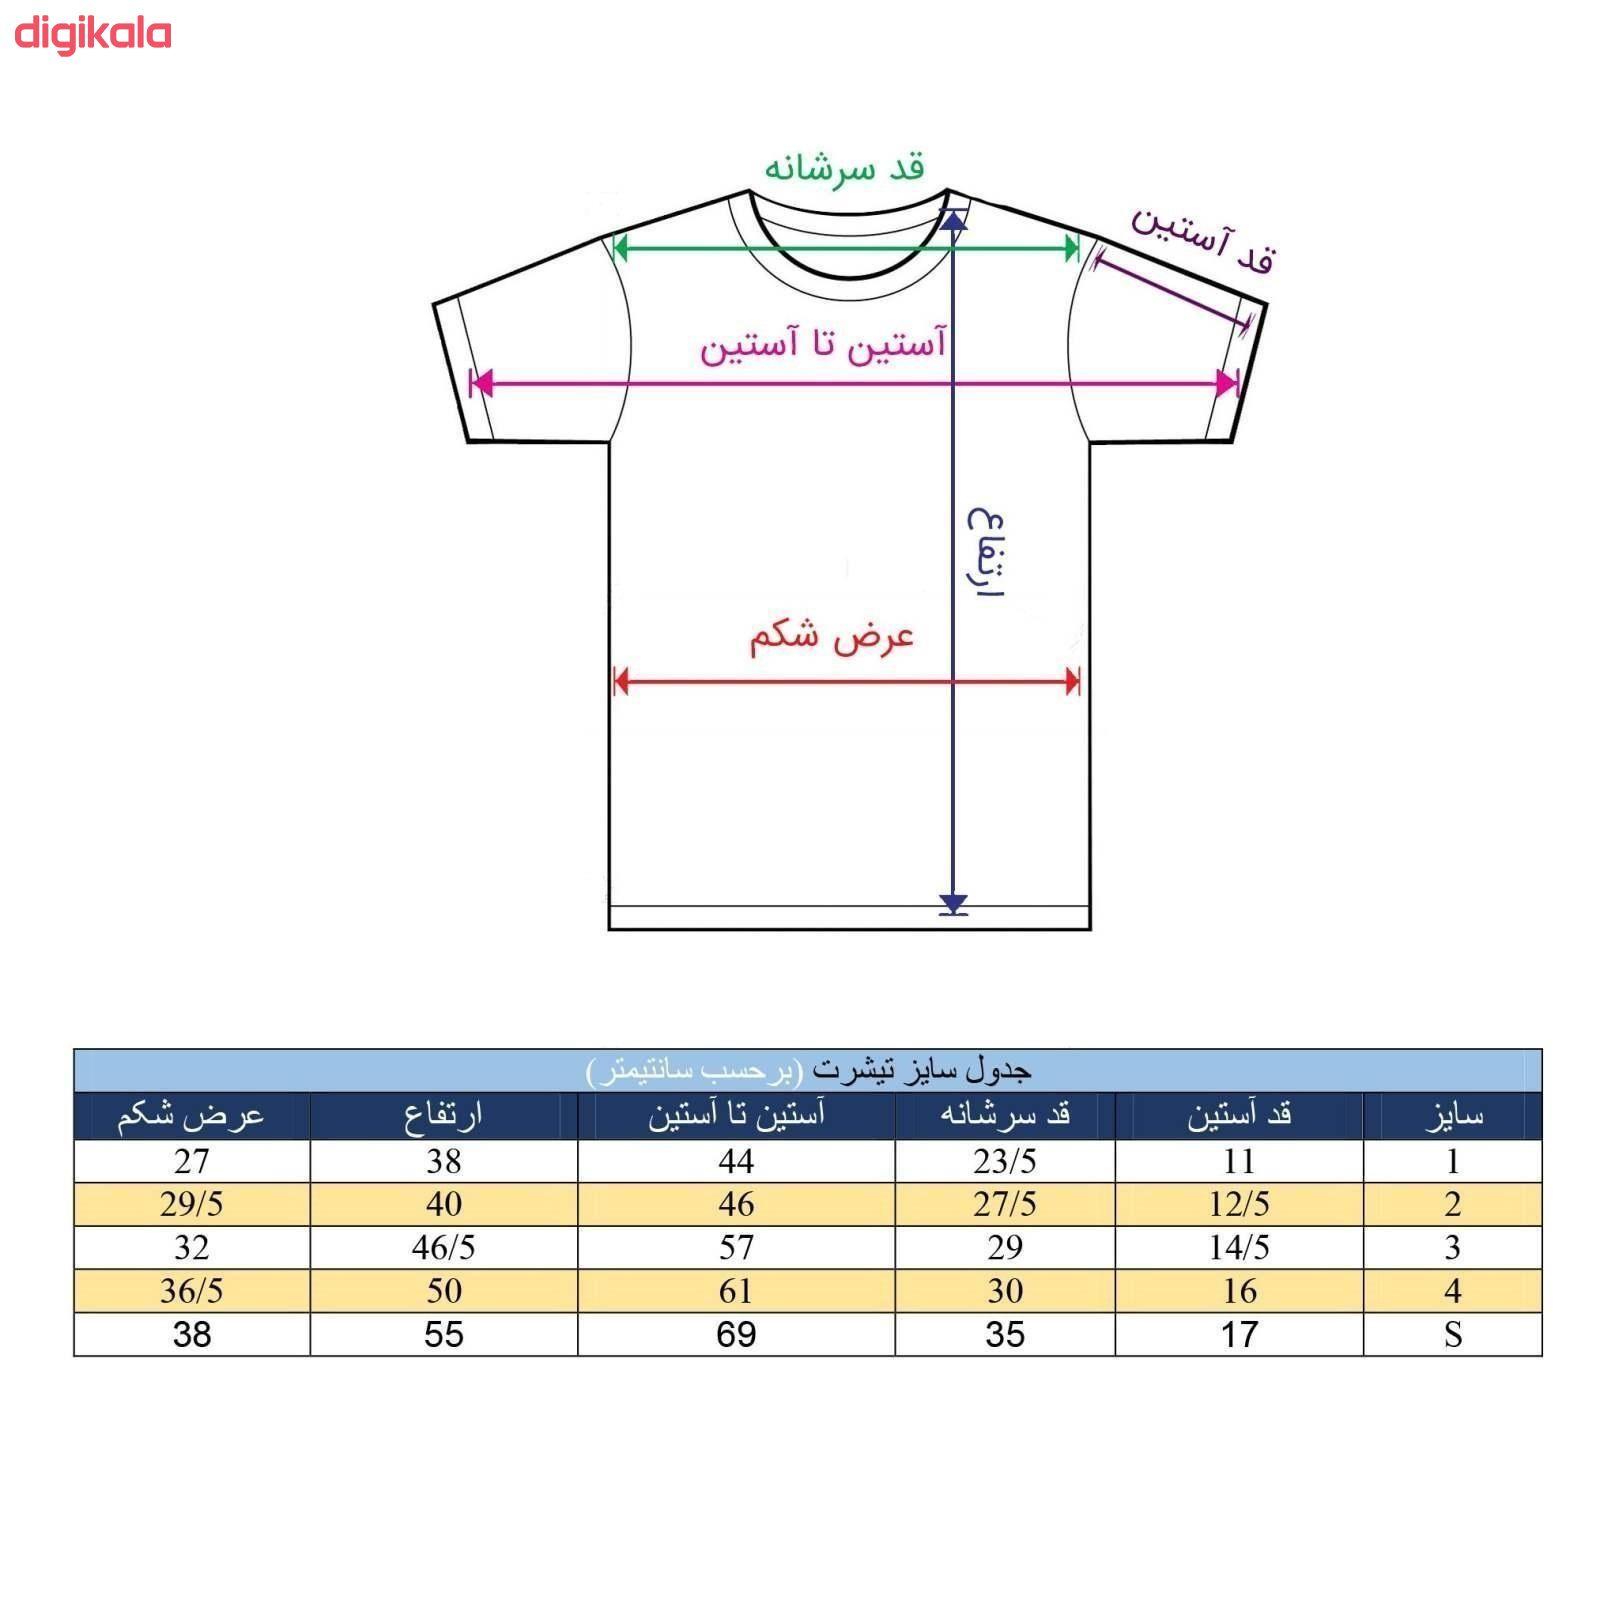 تی شرت بچگانه طرح سگهای نگهبان کد TSb159 main 1 2